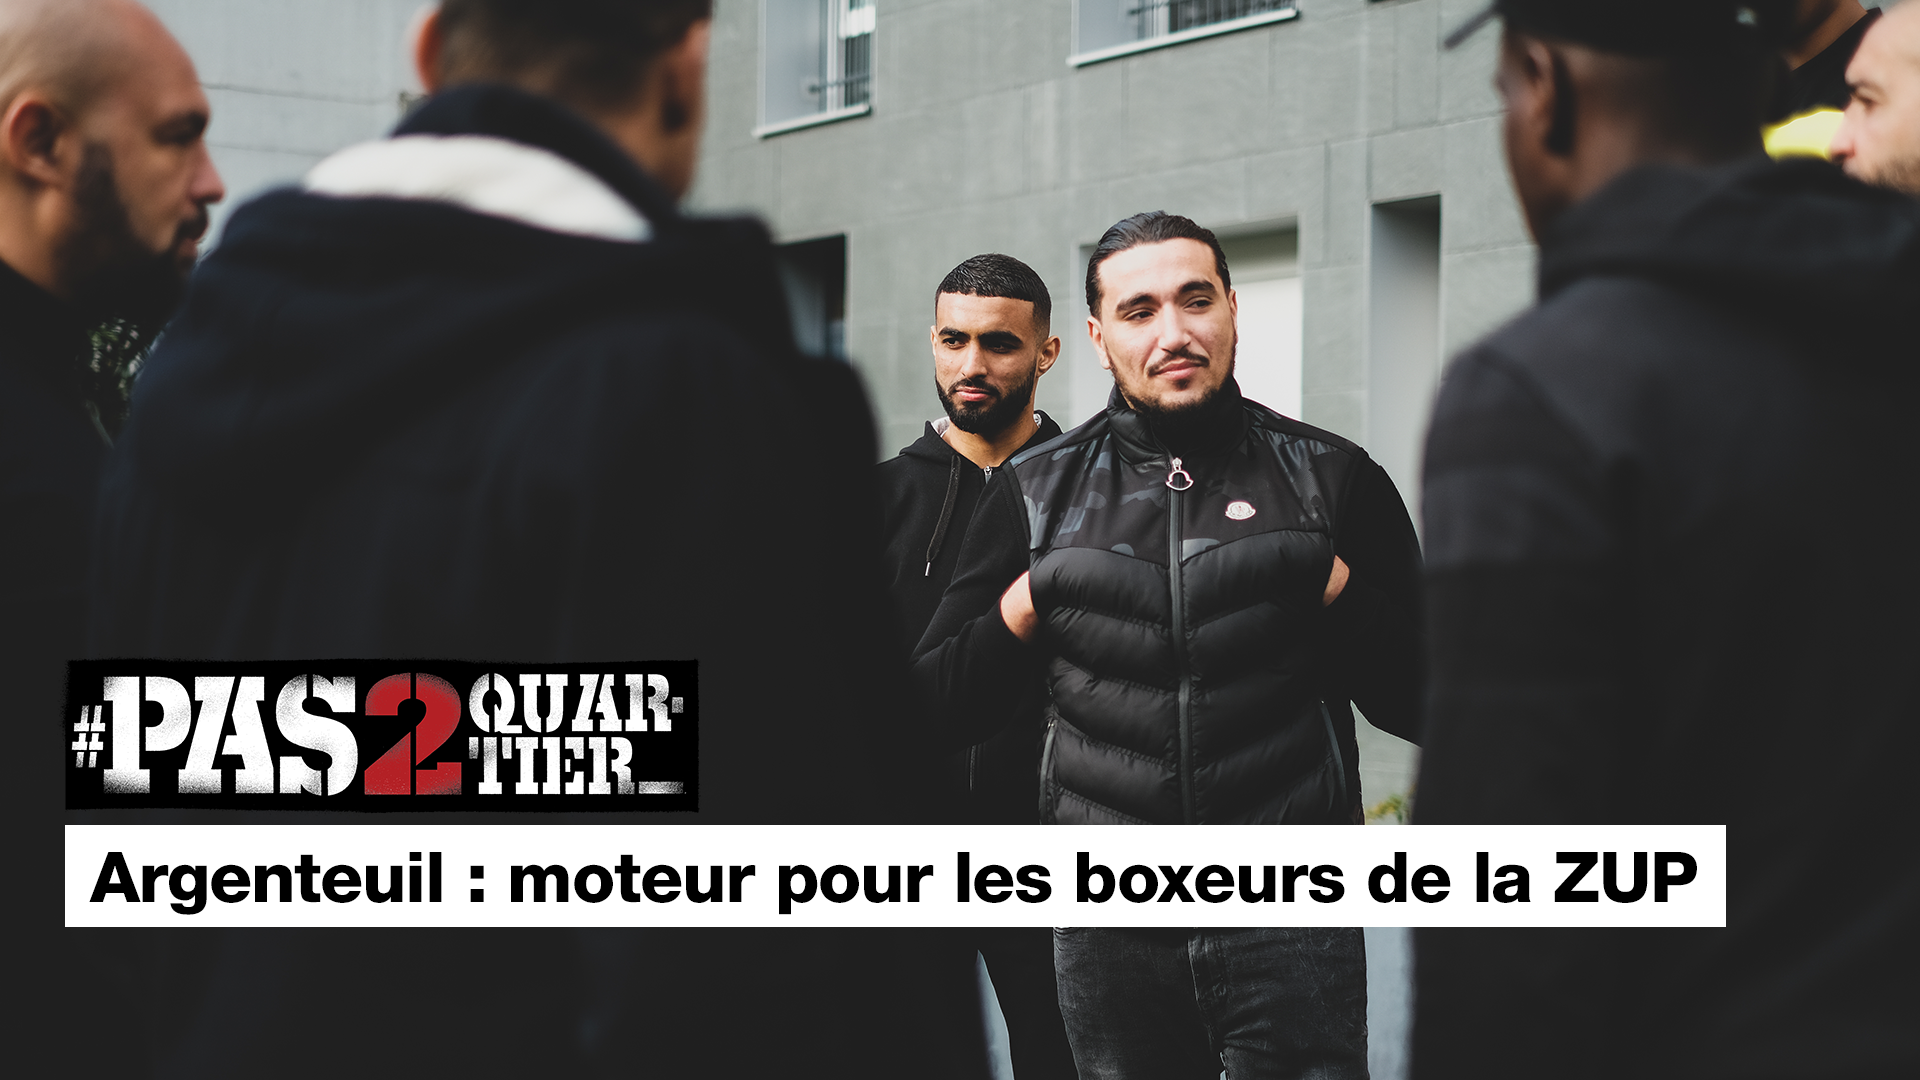 Argenteuil : moteur pour les boxeurs de la ZUP